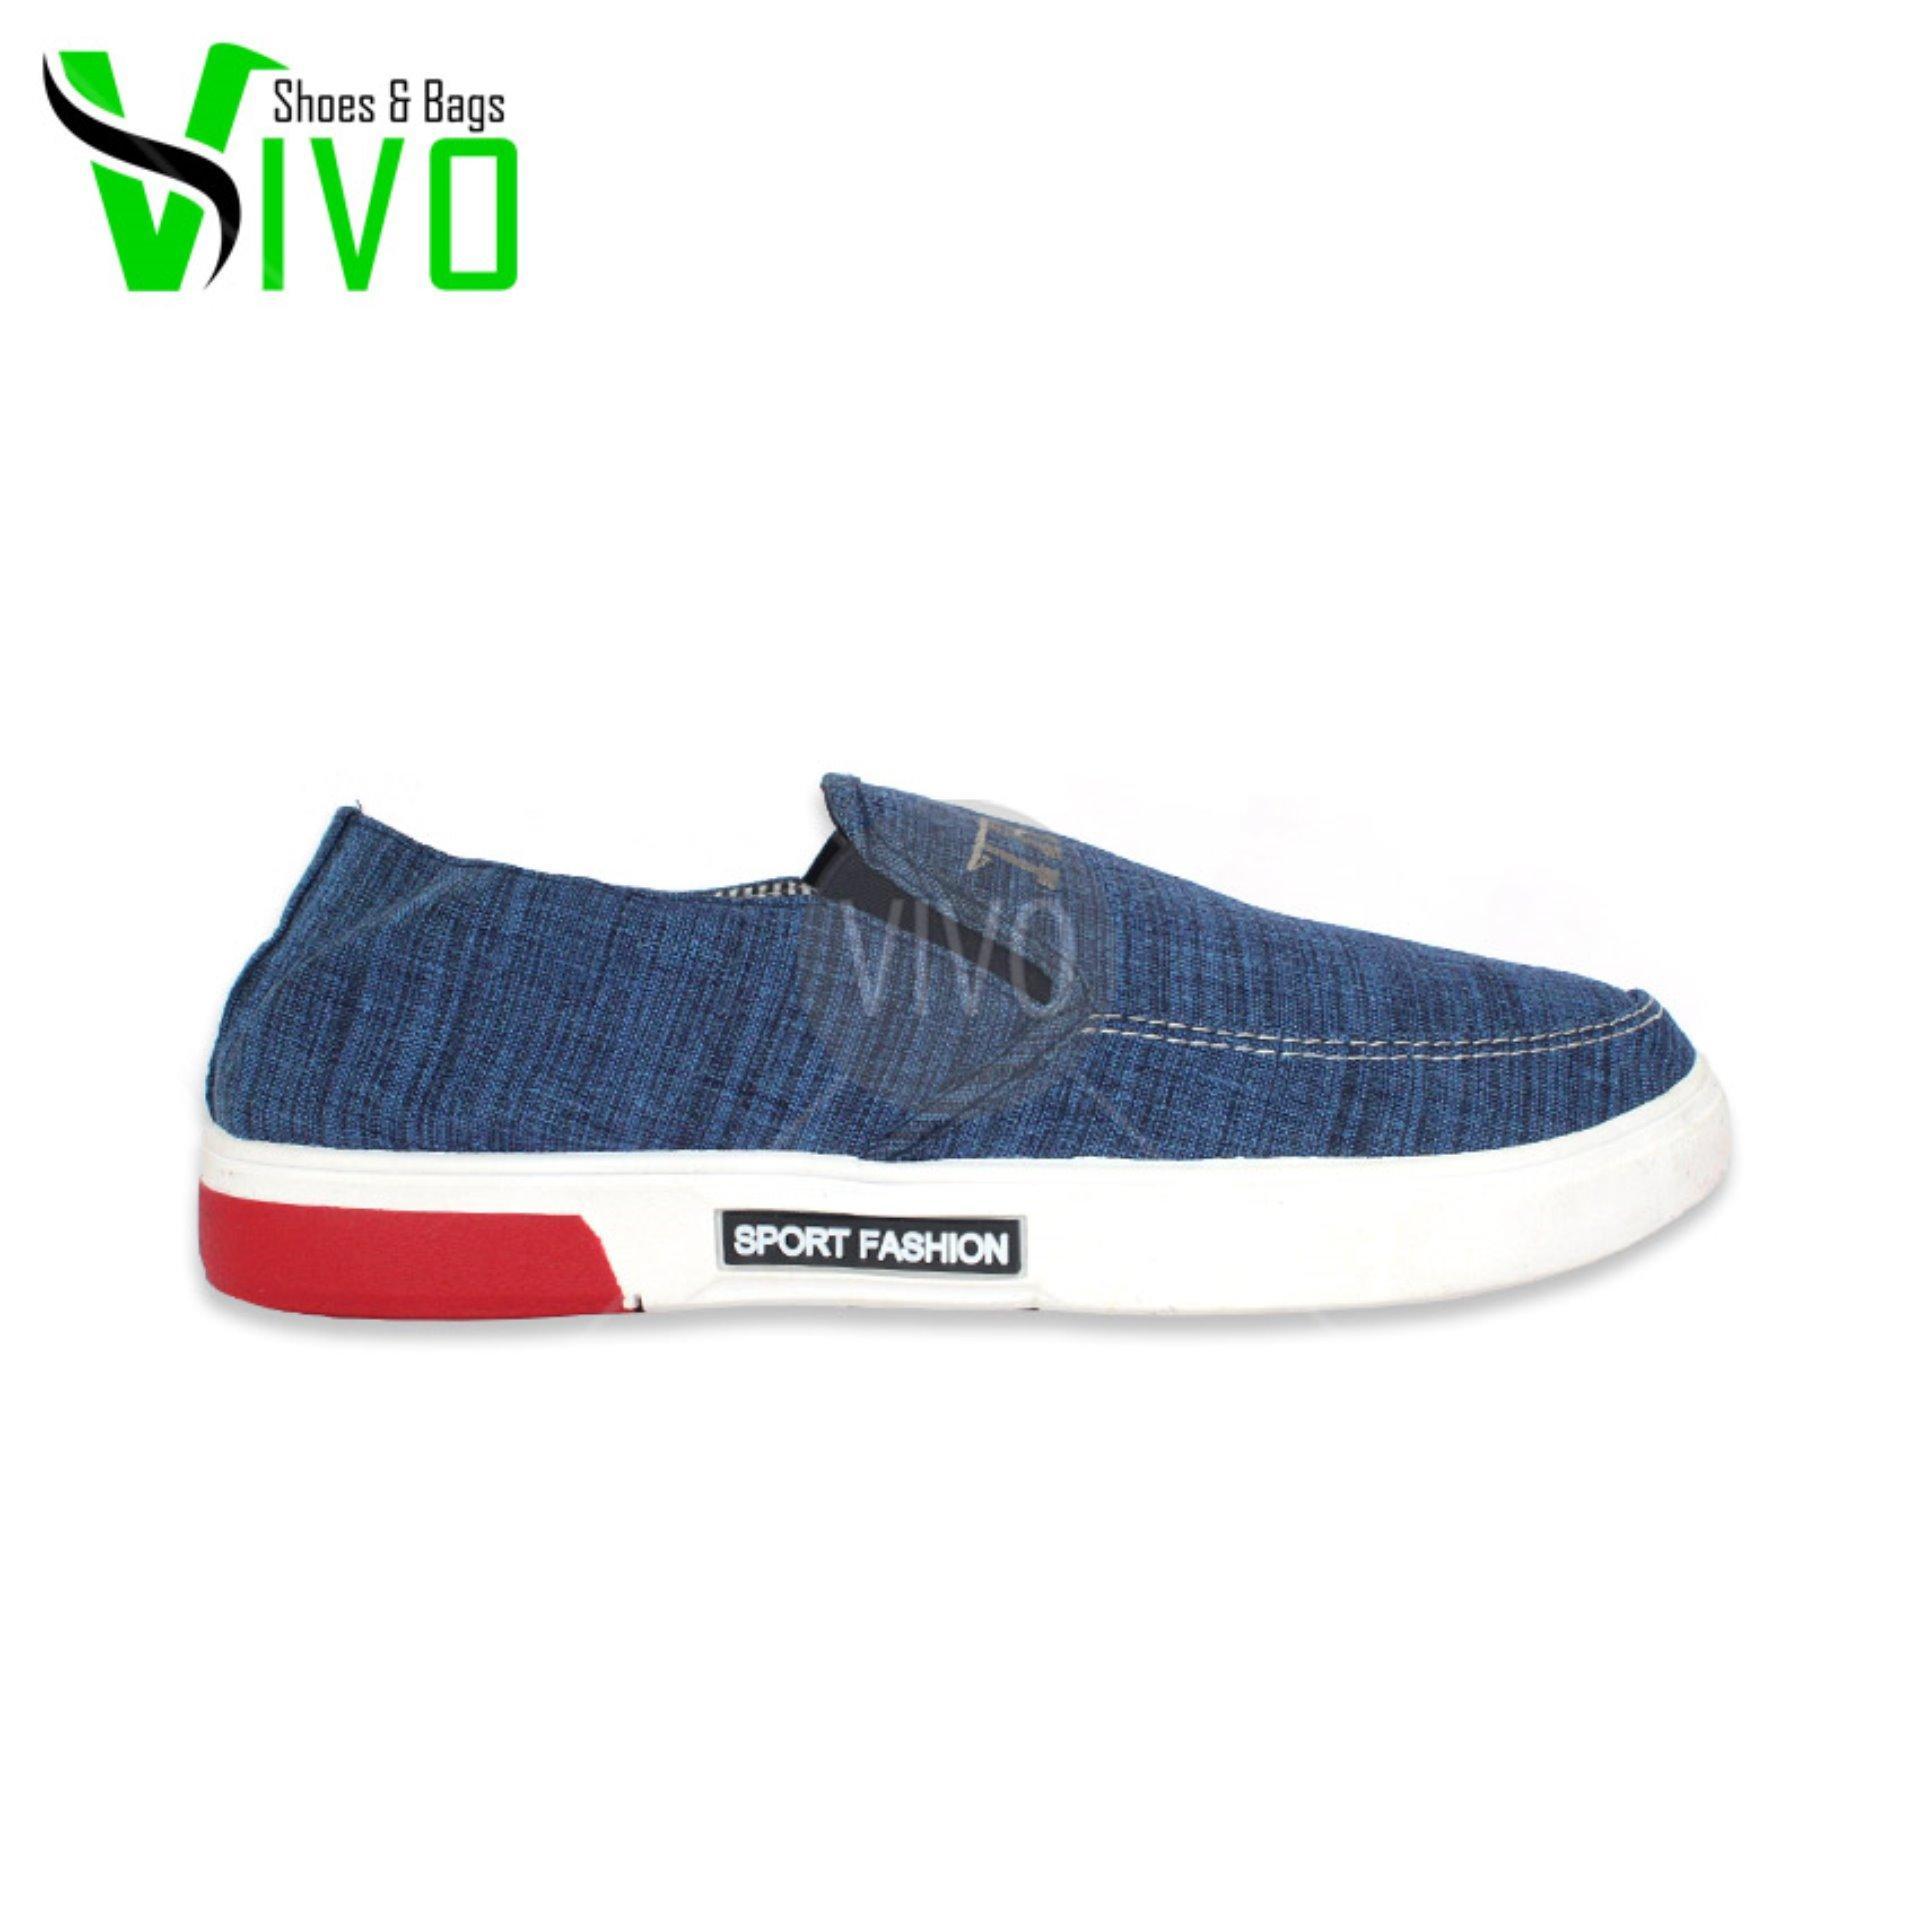 ... Vivo Fashion Sepatu Casual Pria/Sepatu Slip On Pria/Sepatu Sneakers Pria SP08972 -